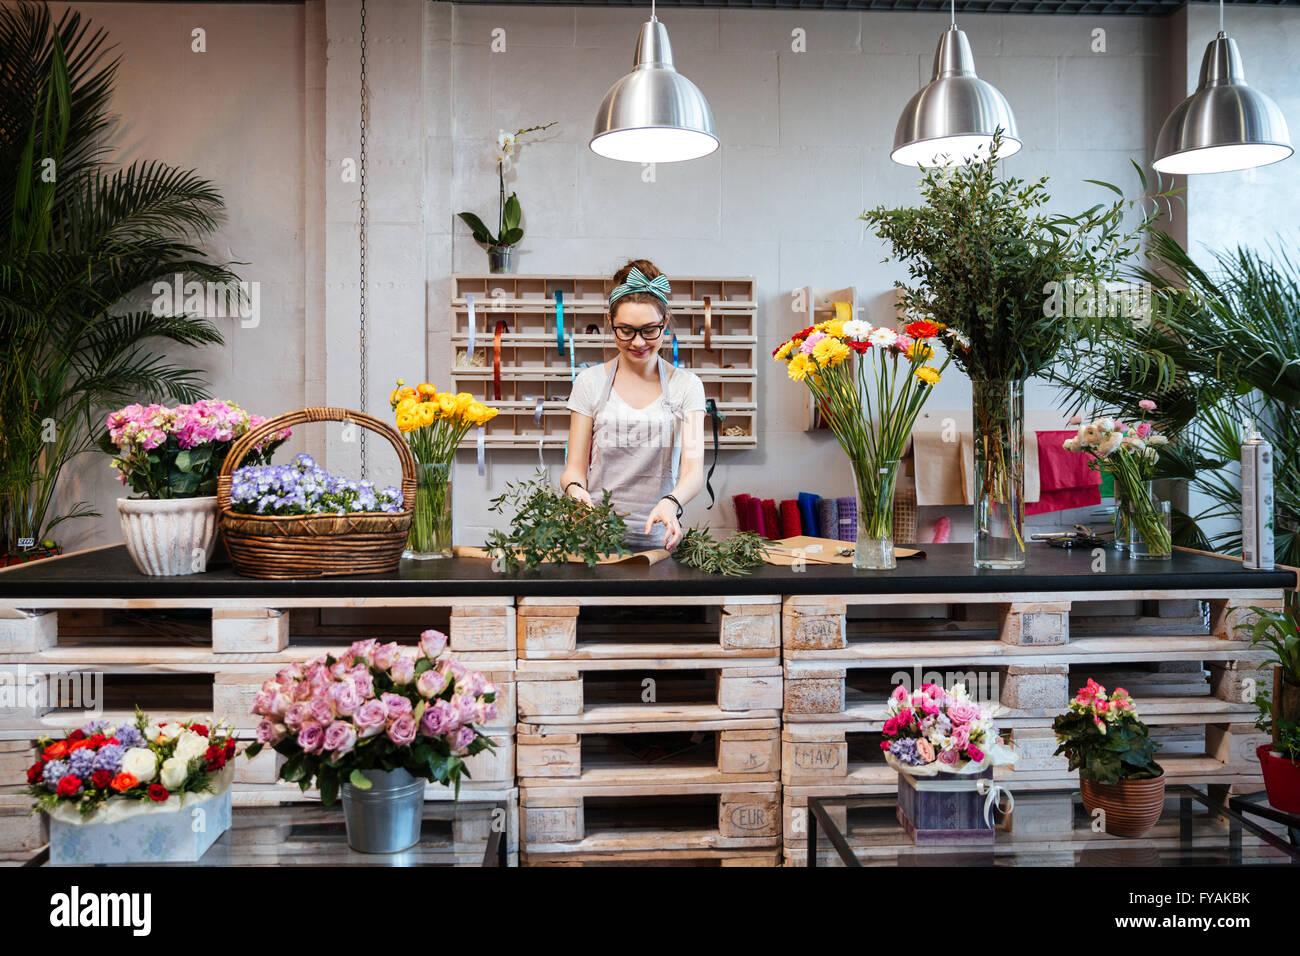 Smiling attractive young woman florist standing et travaillant dans le magasin de fleurs Photo Stock